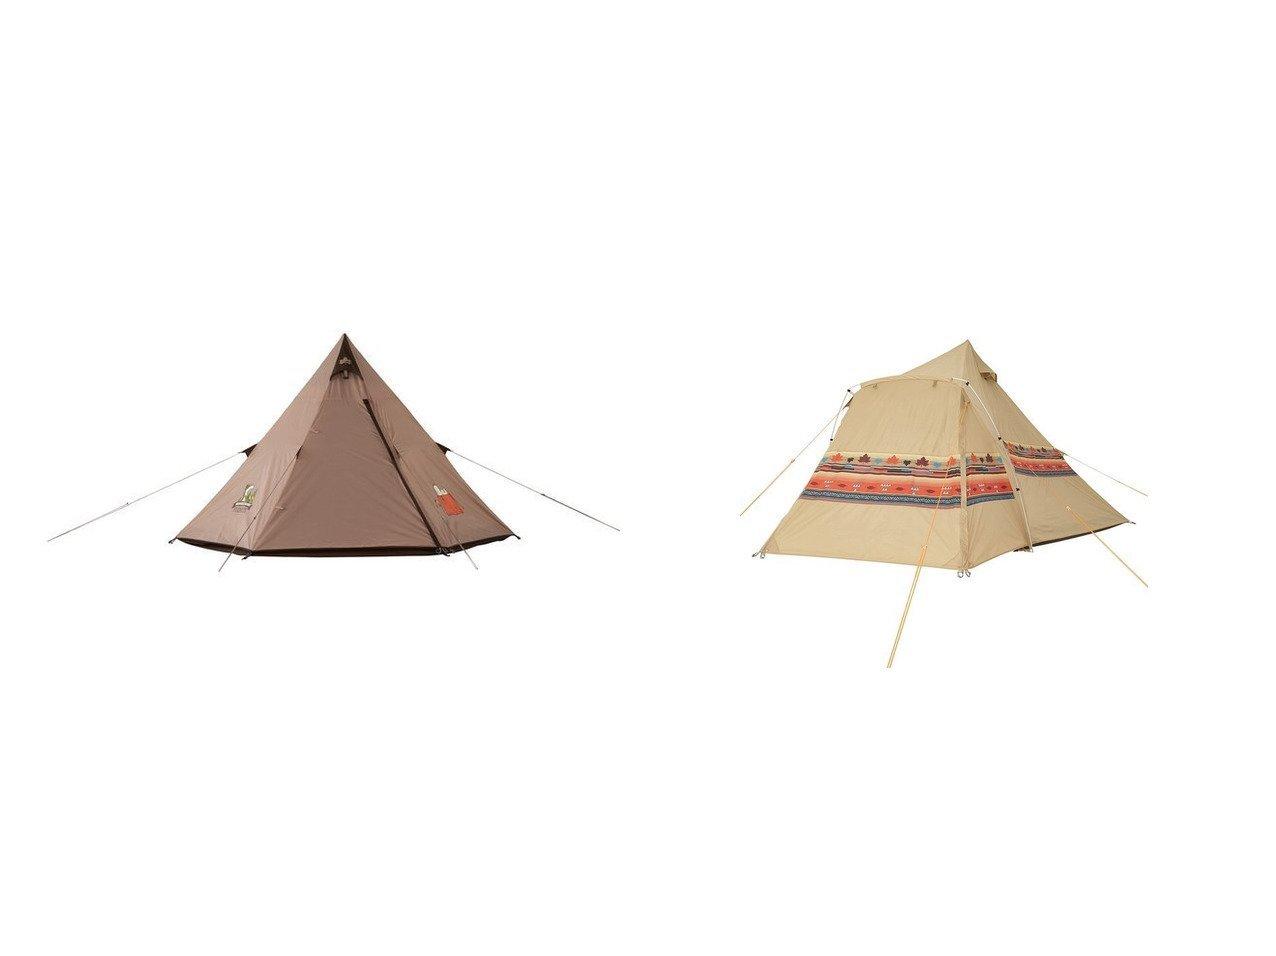 【LOGOS/ロゴス】のナバホEX Tepeeリビング400-AI&SNOOPY Tepee テント おすすめ!人気キャンプ・アウトドア用品の通販  おすすめで人気の流行・トレンド、ファッションの通販商品 インテリア・家具・メンズファッション・キッズファッション・レディースファッション・服の通販 founy(ファニー) https://founy.com/ インナー タフタ フレーム メッシュ ホーム・キャンプ・アウトドア Home,Garden,Outdoor,Camping Gear キャンプ用品・アウトドア  Camping Gear & Outdoor Supplies テント タープ Tents, Tarp  ID:crp329100000057032